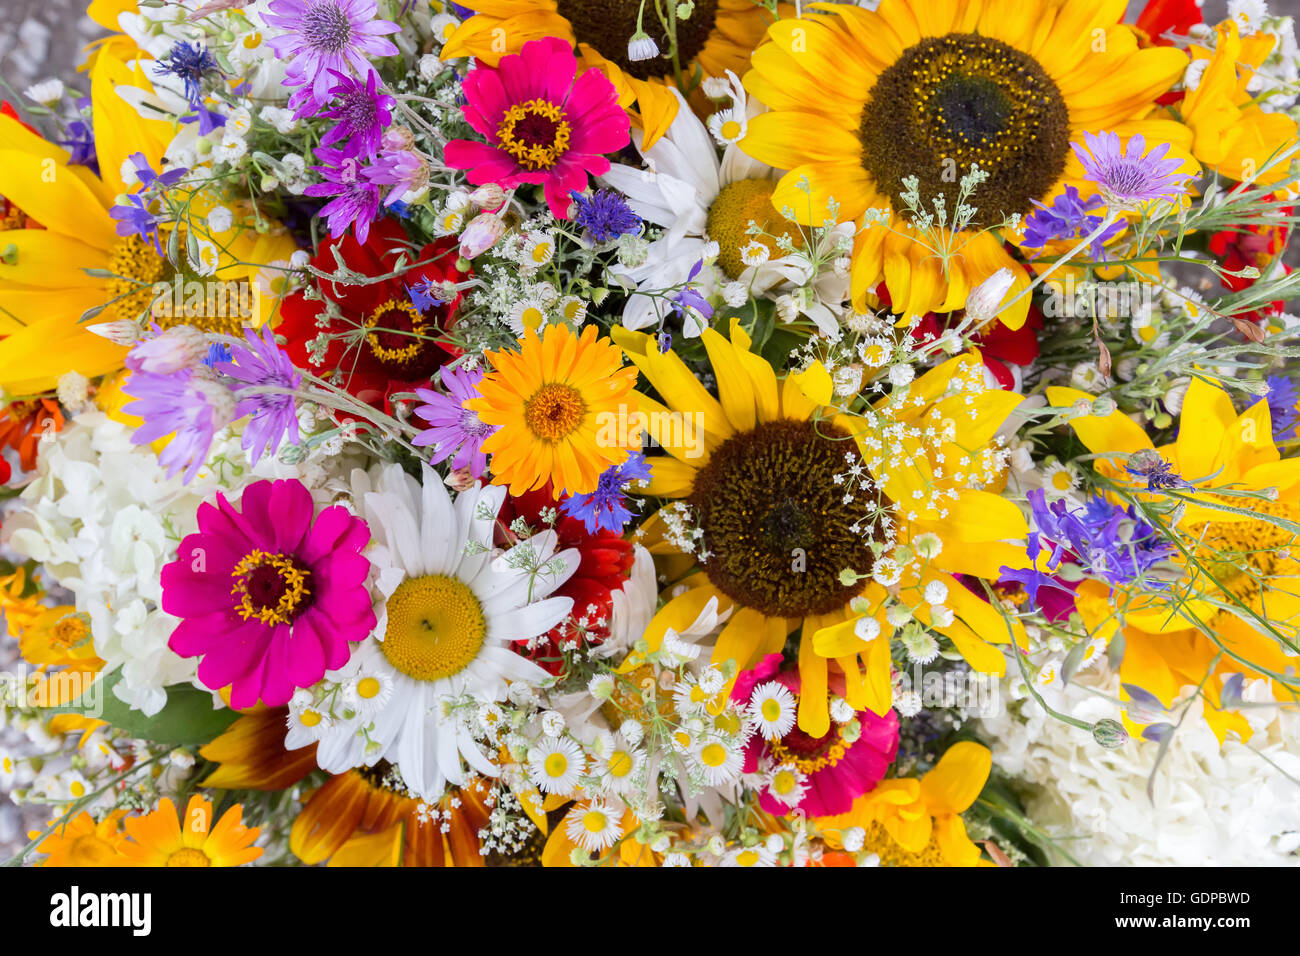 Nahaufnahme von Blumenstrauß. Stockbild